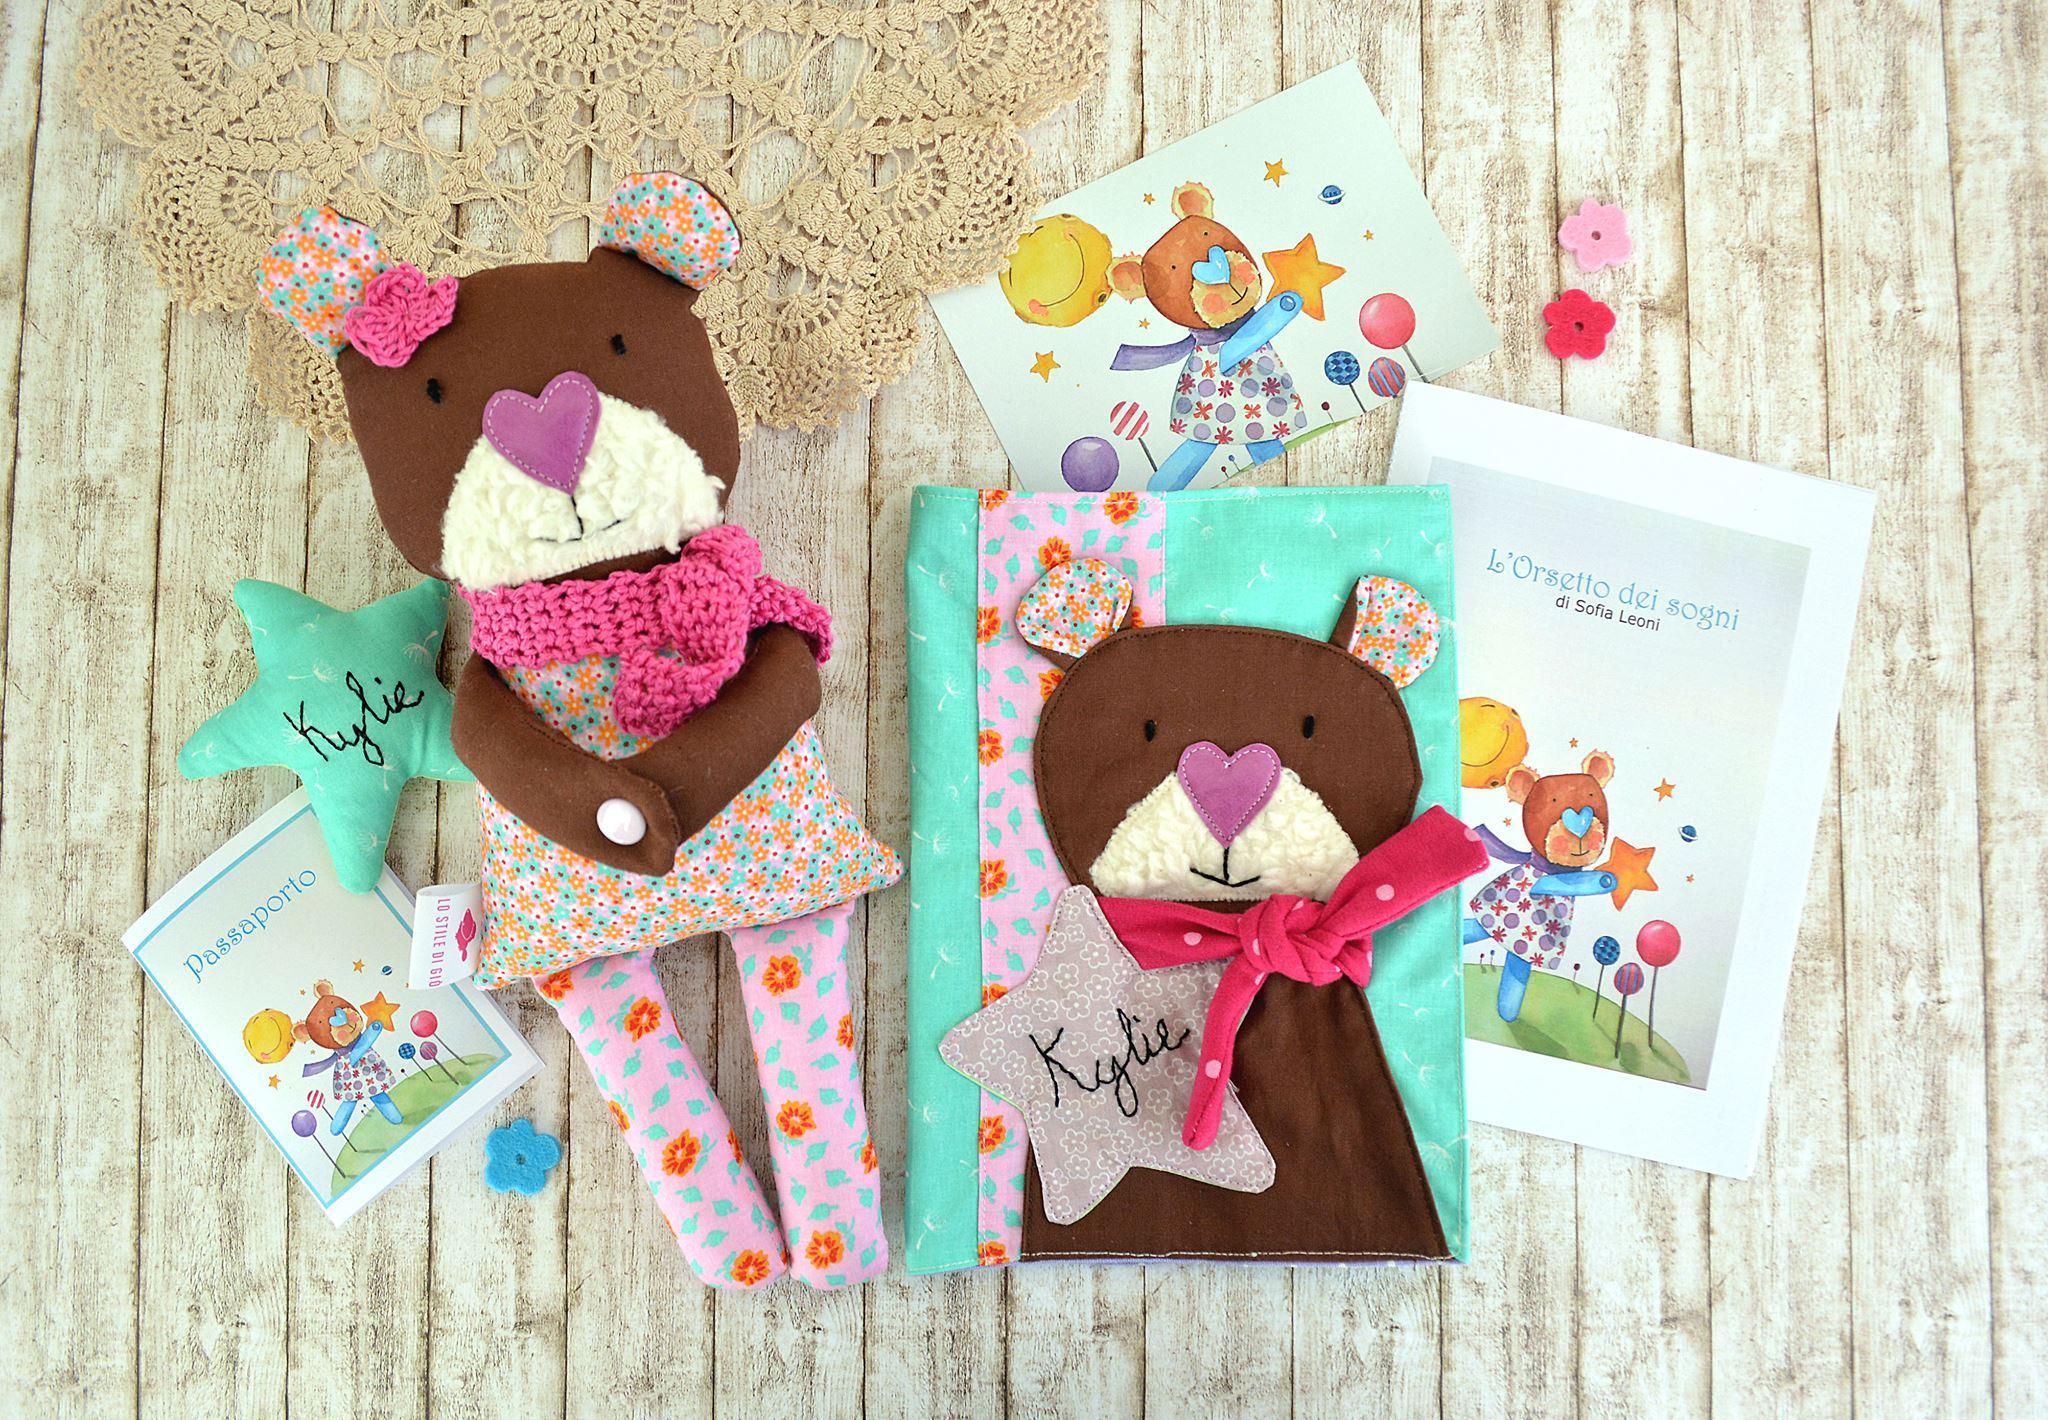 I nuovi set nascita degli orsetti dei sogni